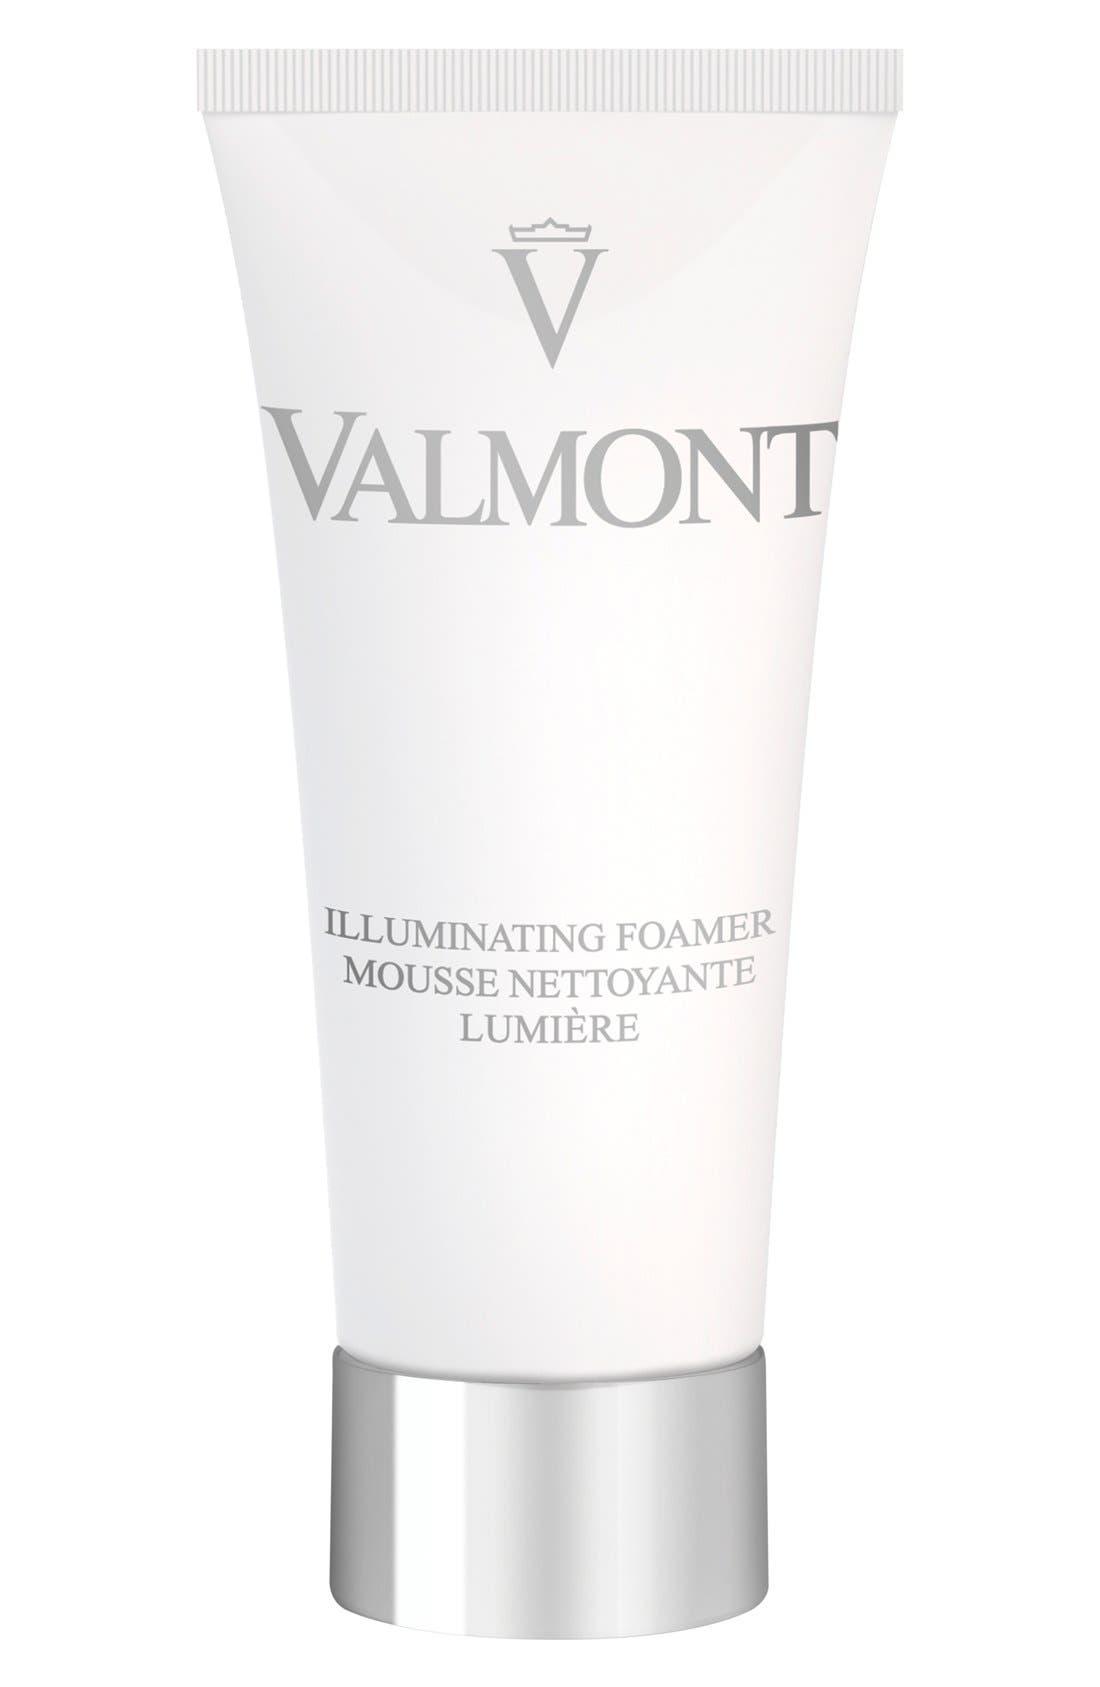 Valmont Illuminating Foamer